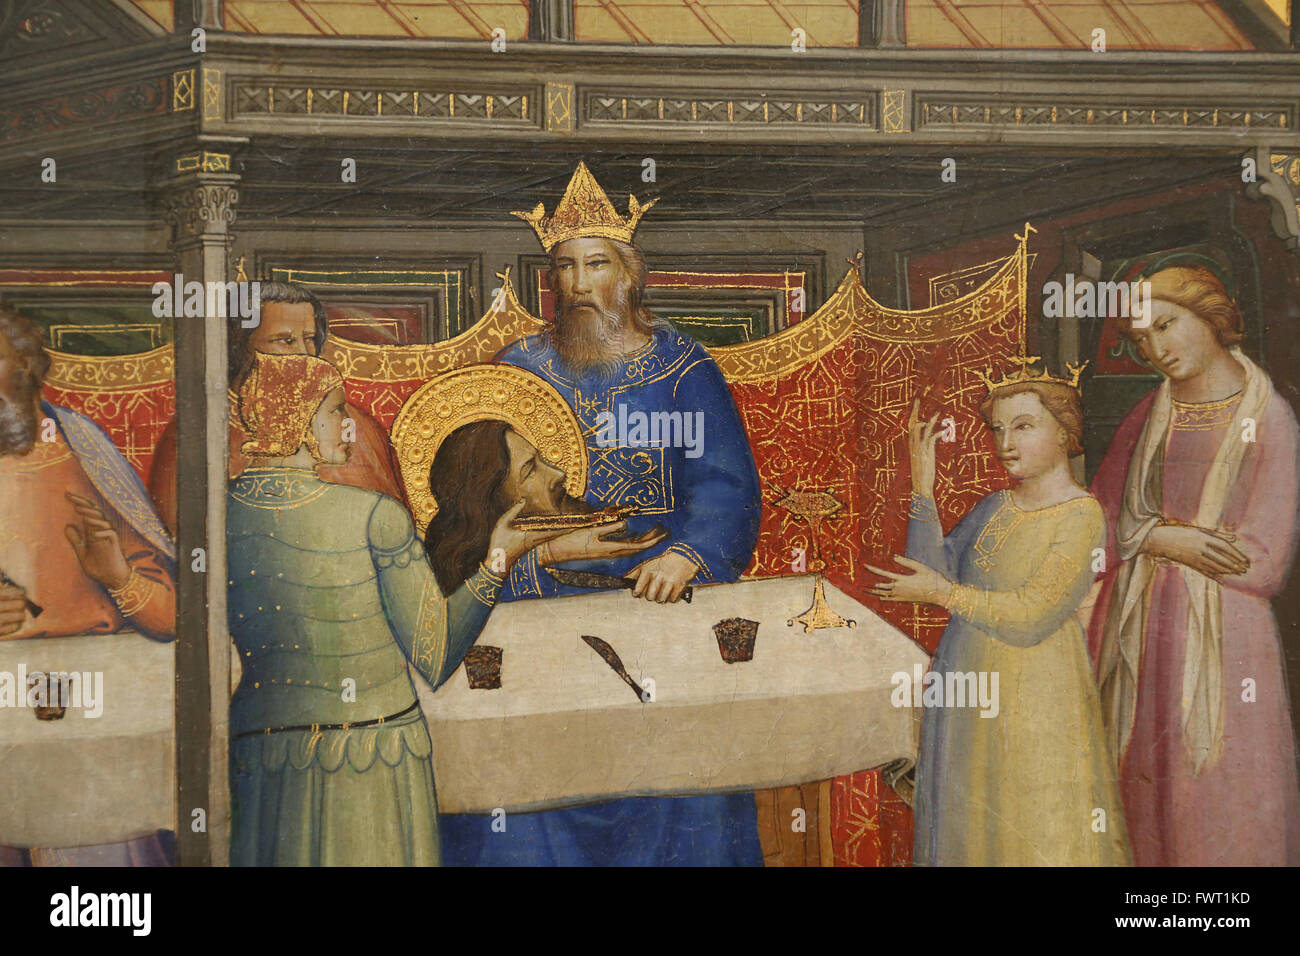 Lorenzo Monaco (1370-1425). Italienischer Maler der späten Gotik und Frührenaissance Alter. Herods fest, Stockbild